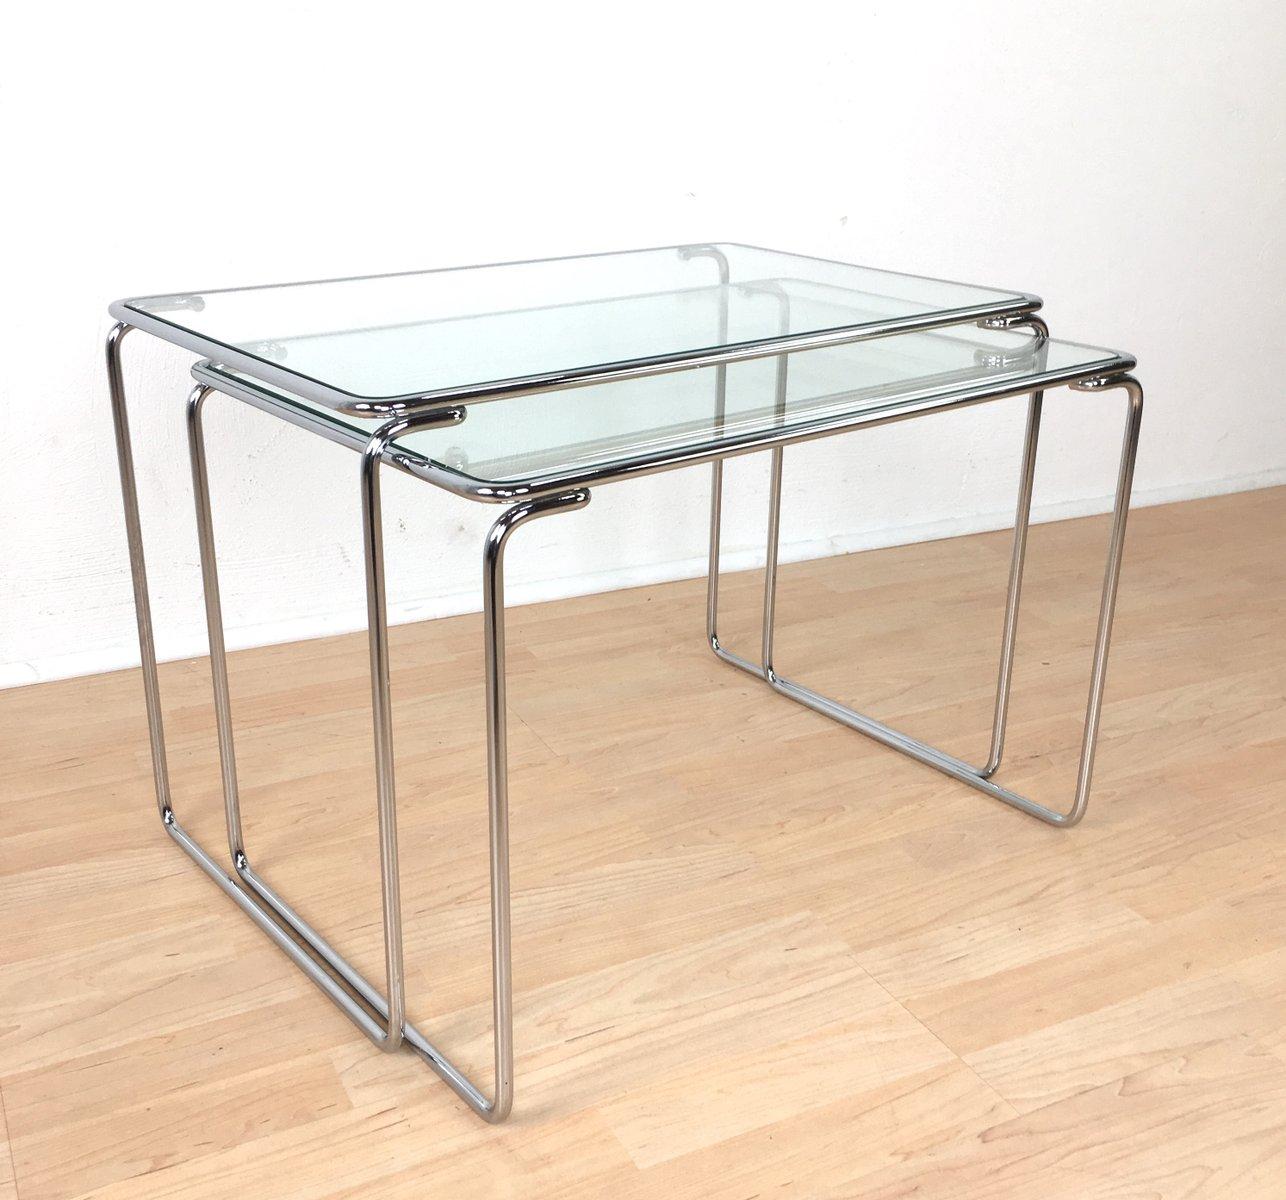 Tables gigognes avec plateau en verre 1960s en vente sur pamono for Tables gigognes verre